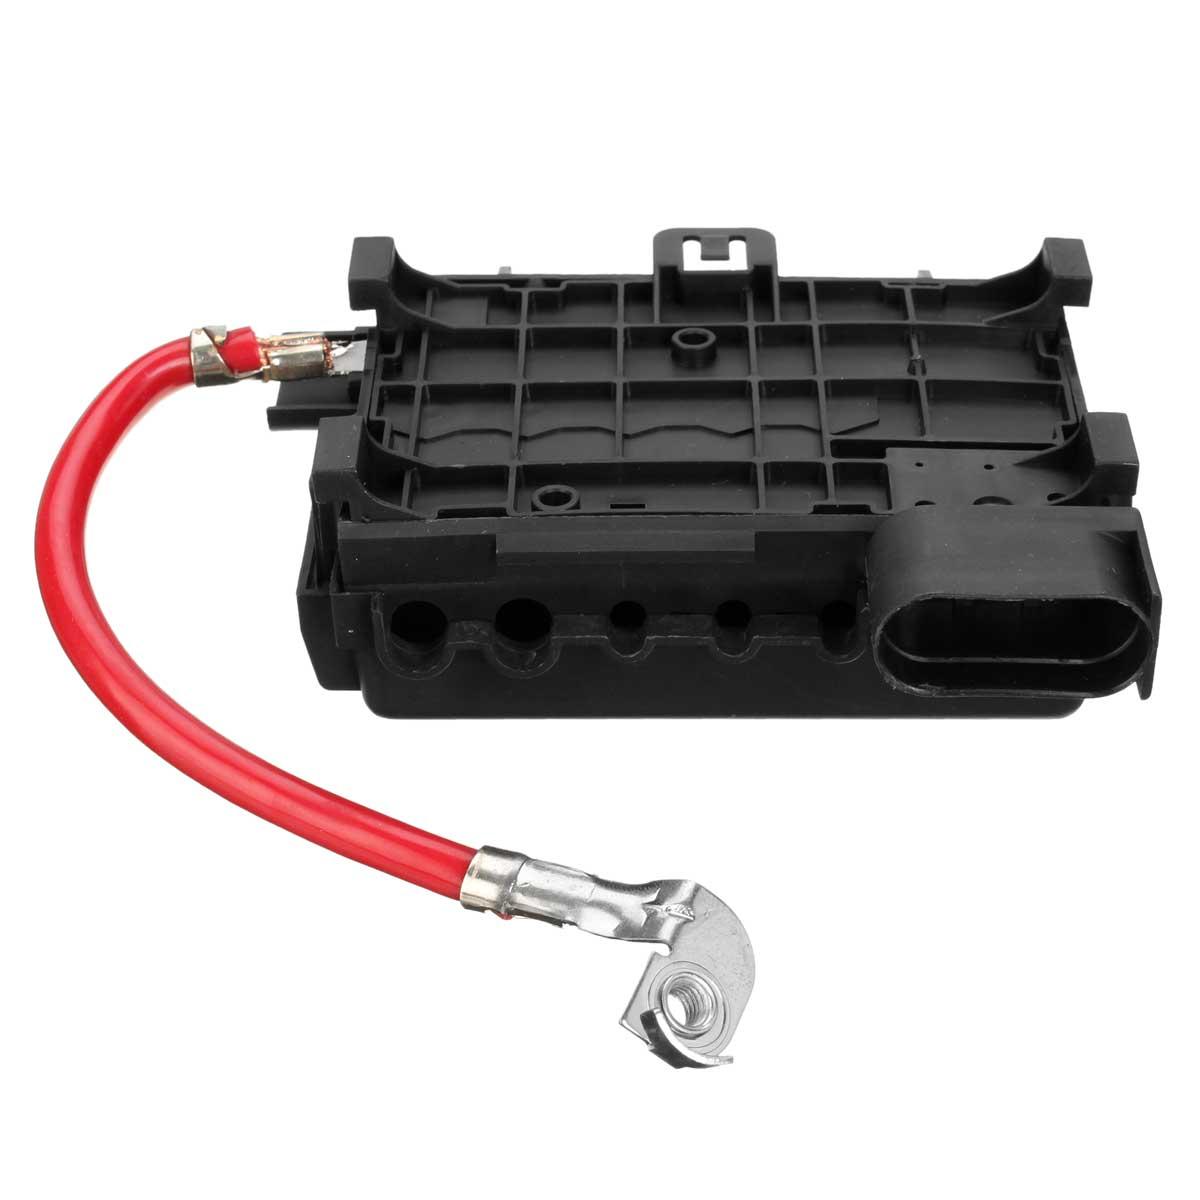 New Fuse Box for VW Beetle Golf Jetta 1J0937617D 1J0937550 1J0937550AA 1J0937550AB AC AD aliexpress com buy new fuse box for vw beetle golf jetta fuse box phone charger at honlapkeszites.co